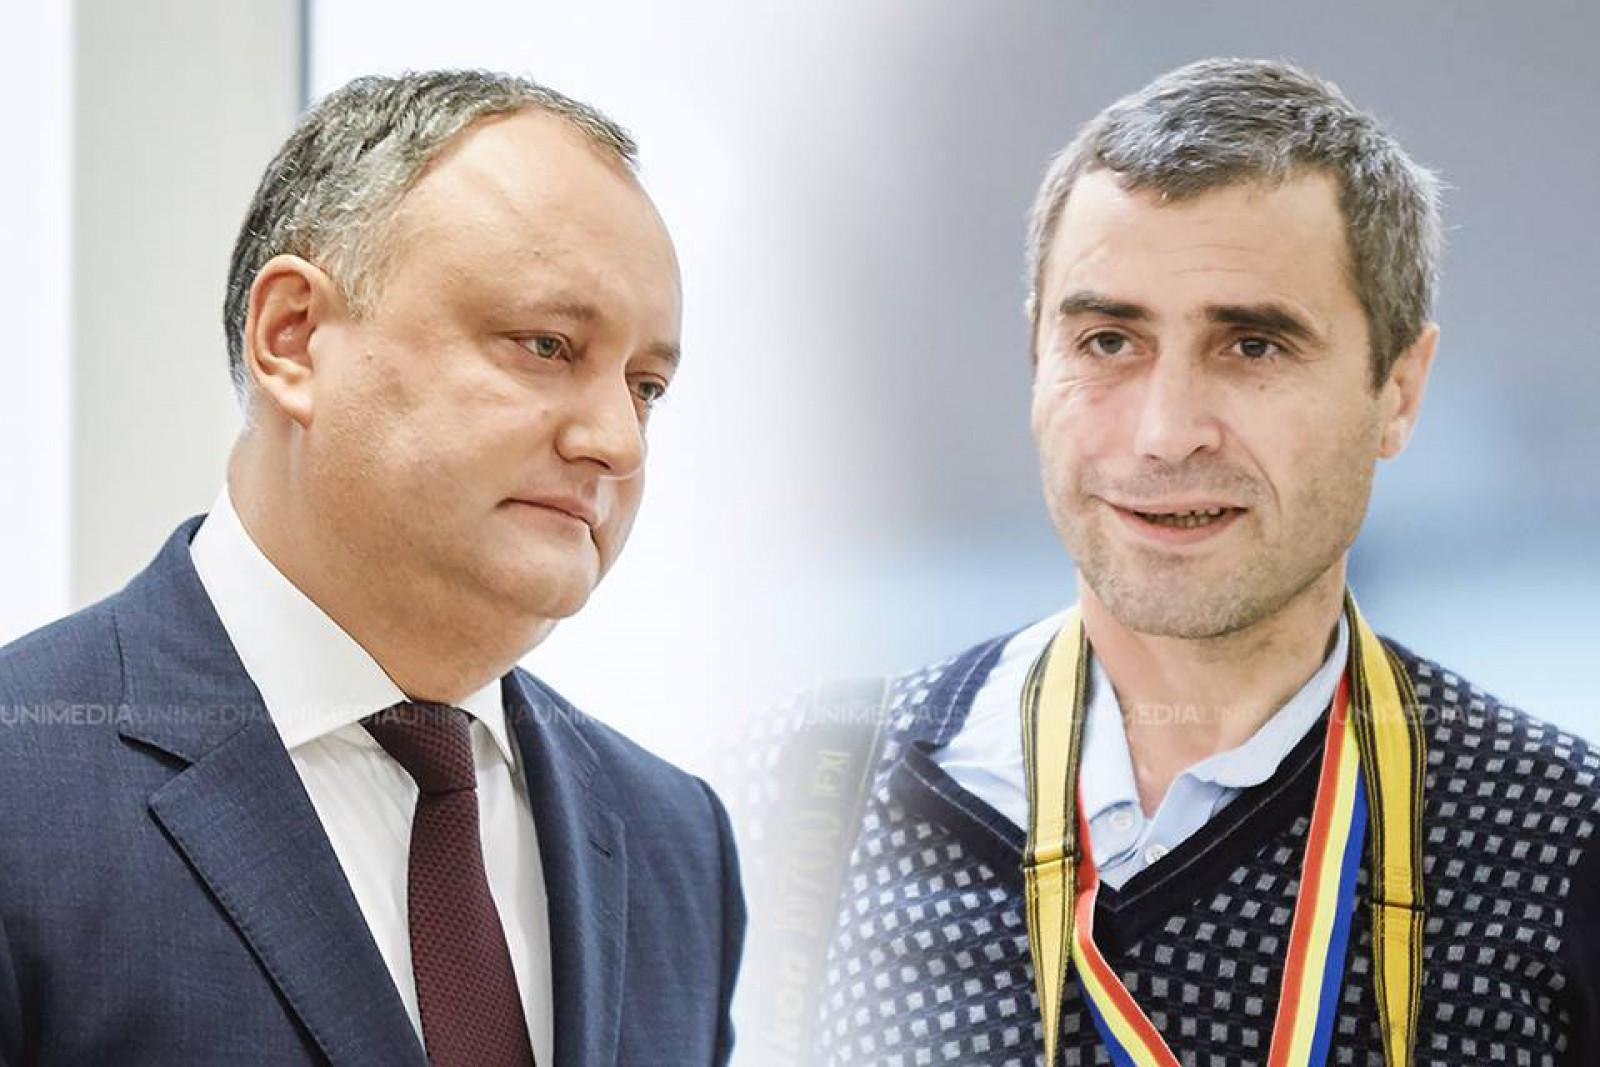 Dosarul Grigoriță vs. Dodon: Instanța de judecată a decis comasarea dosarelor fotojurnalistului împotriva Președinției